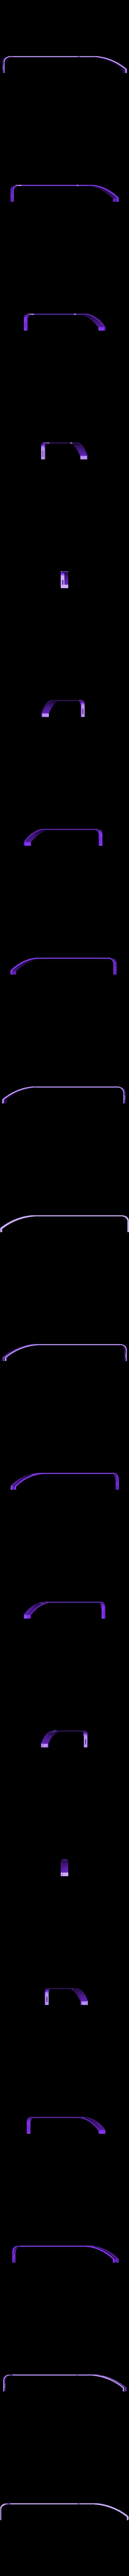 bort2.stl Download STL file MONAKO RC MODEL BOAT TUG • 3D printable template, maca-artwork